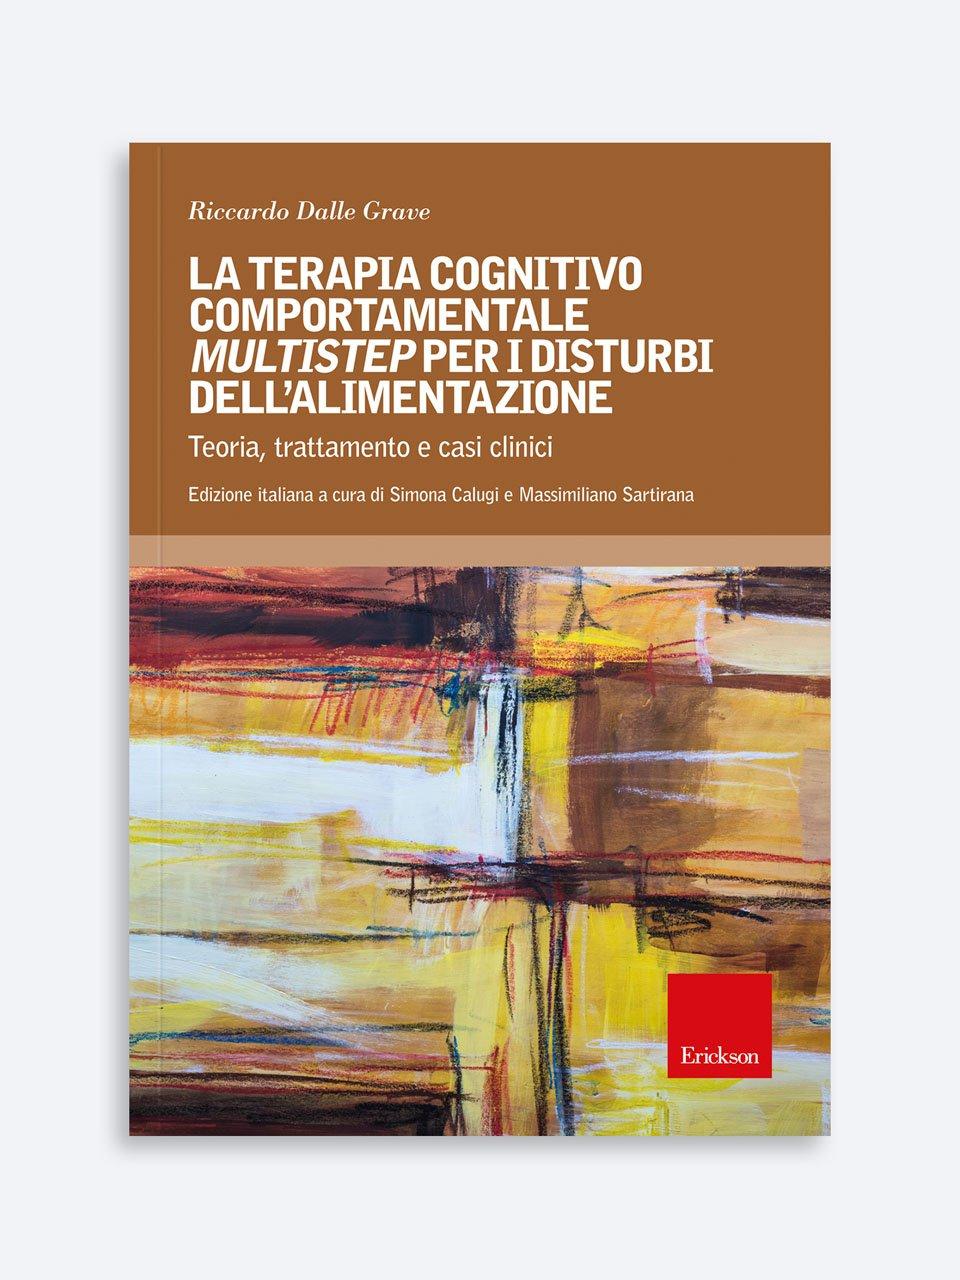 La terapia cognitivo-comportamentale multistep per - Libri - Erickson